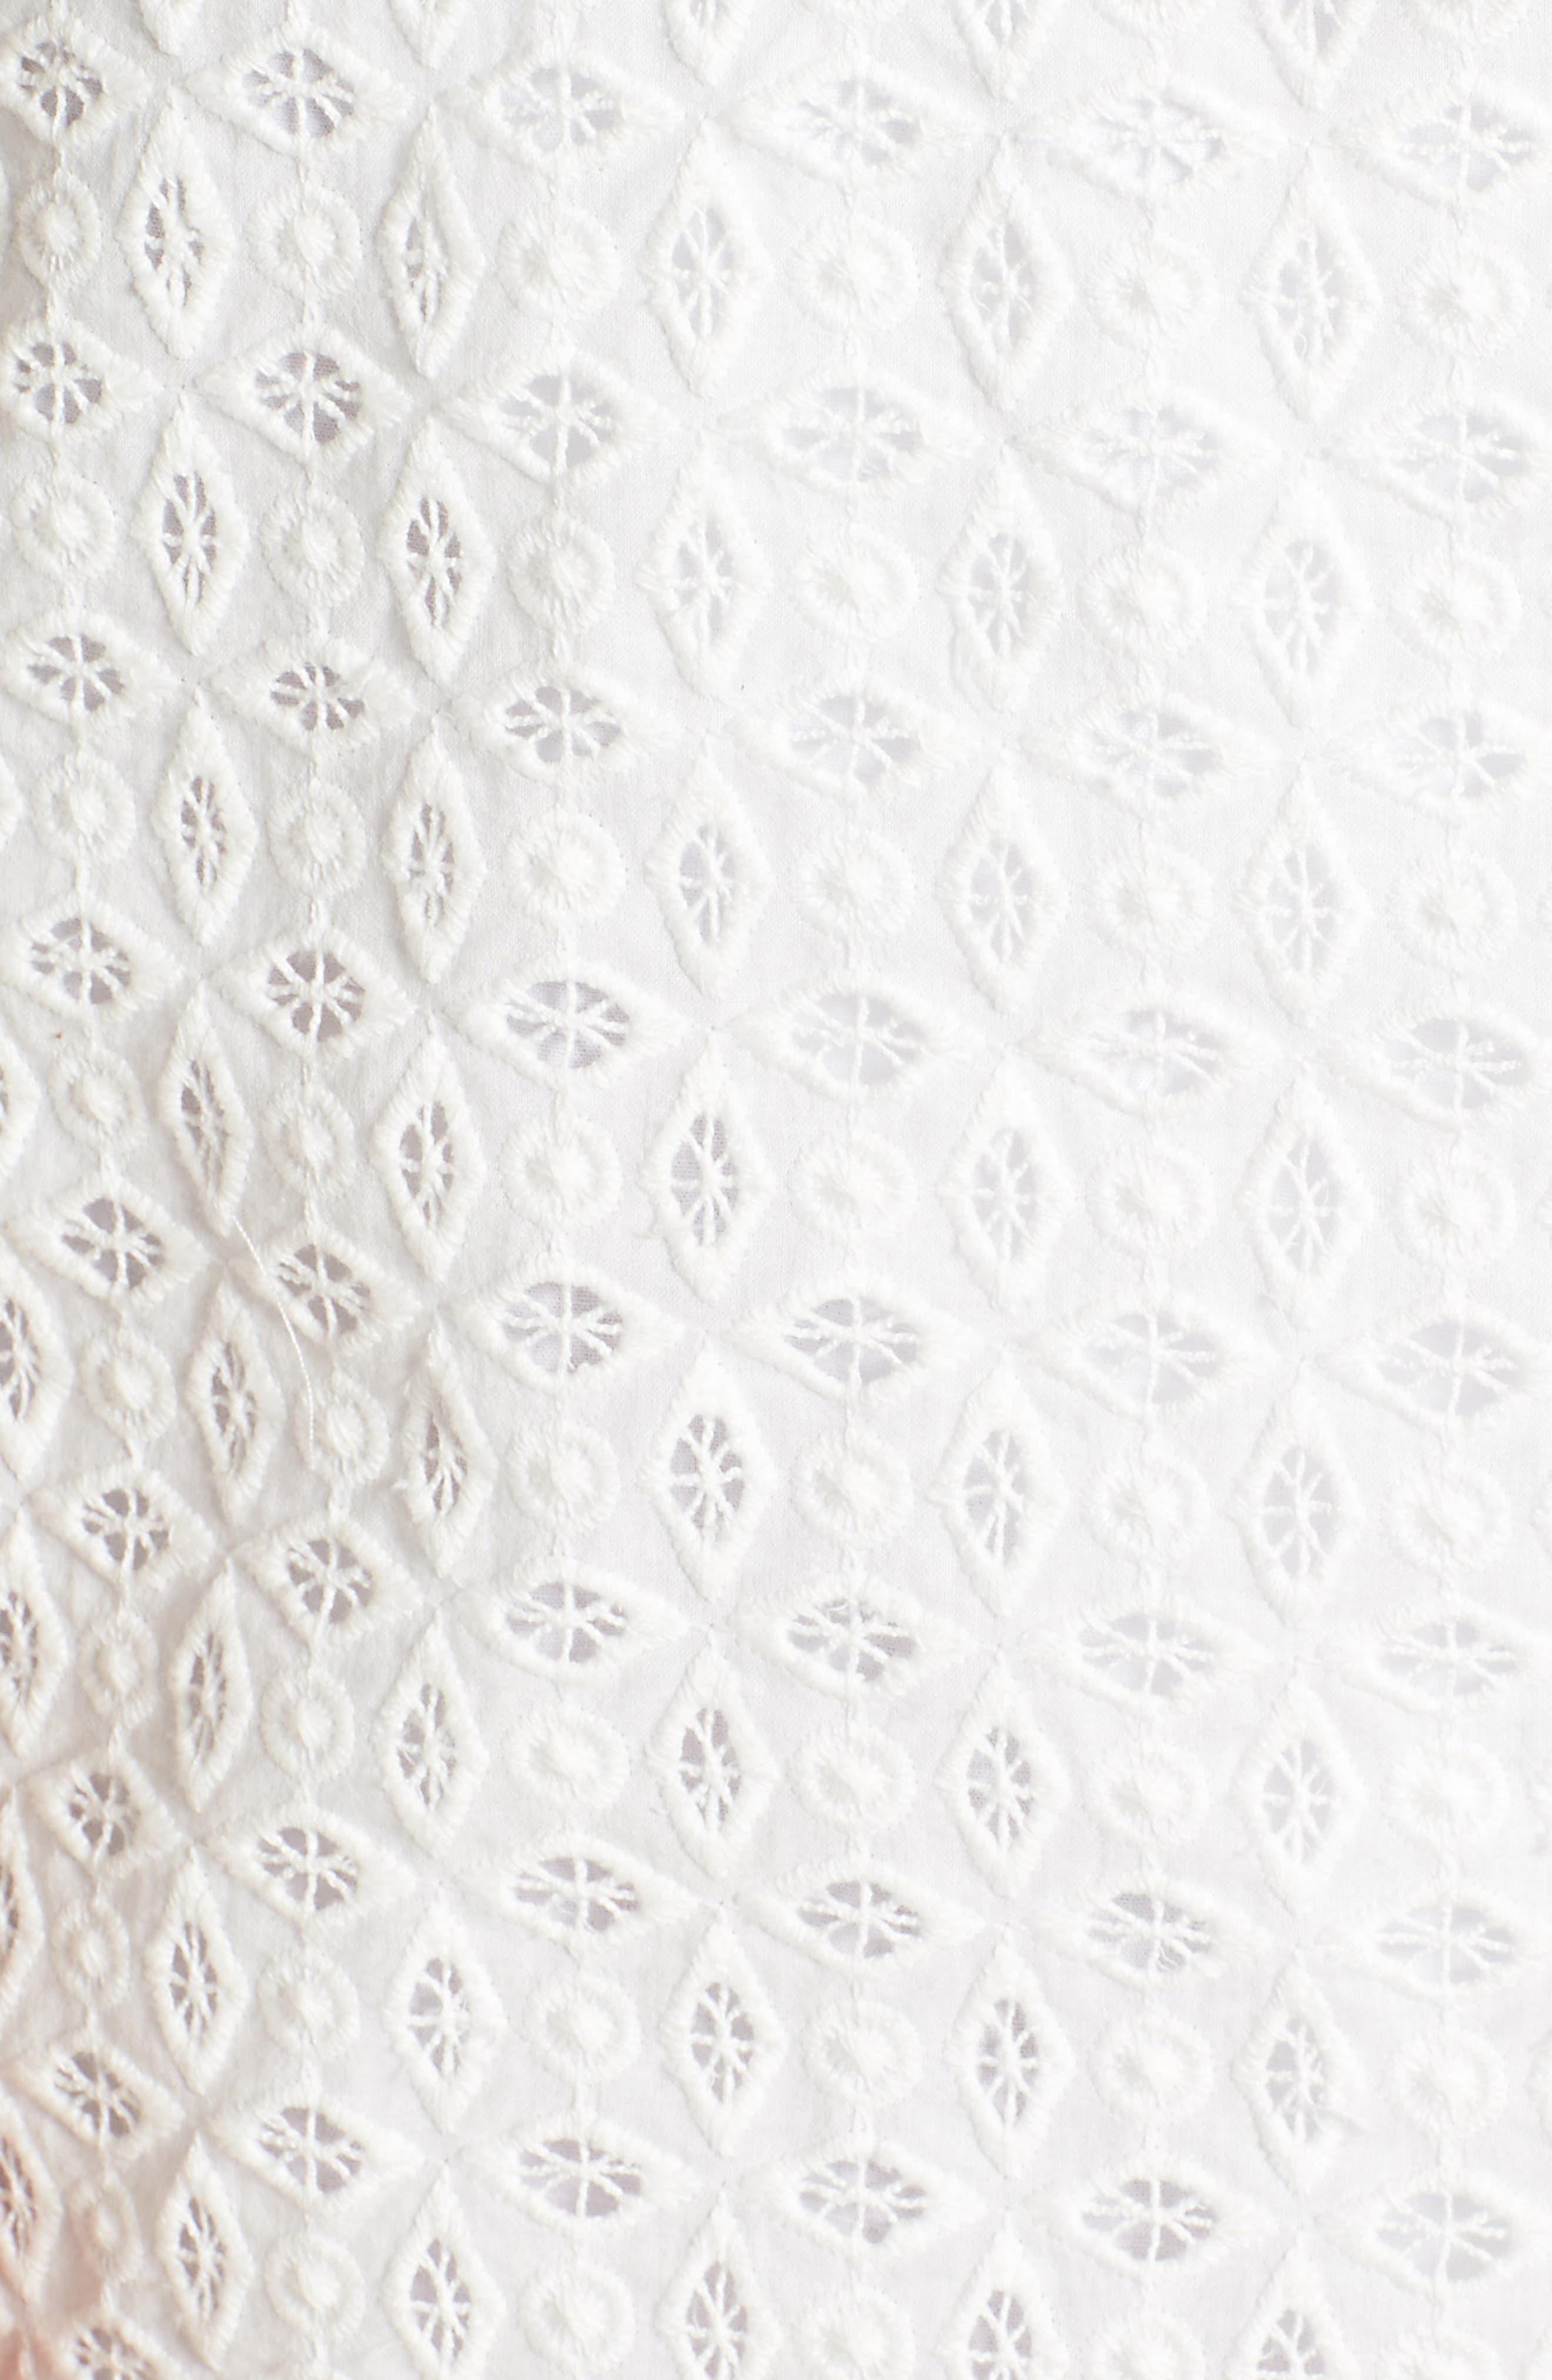 Andrea Ruffle Wrap Dress,                             Alternate thumbnail 6, color,                             101